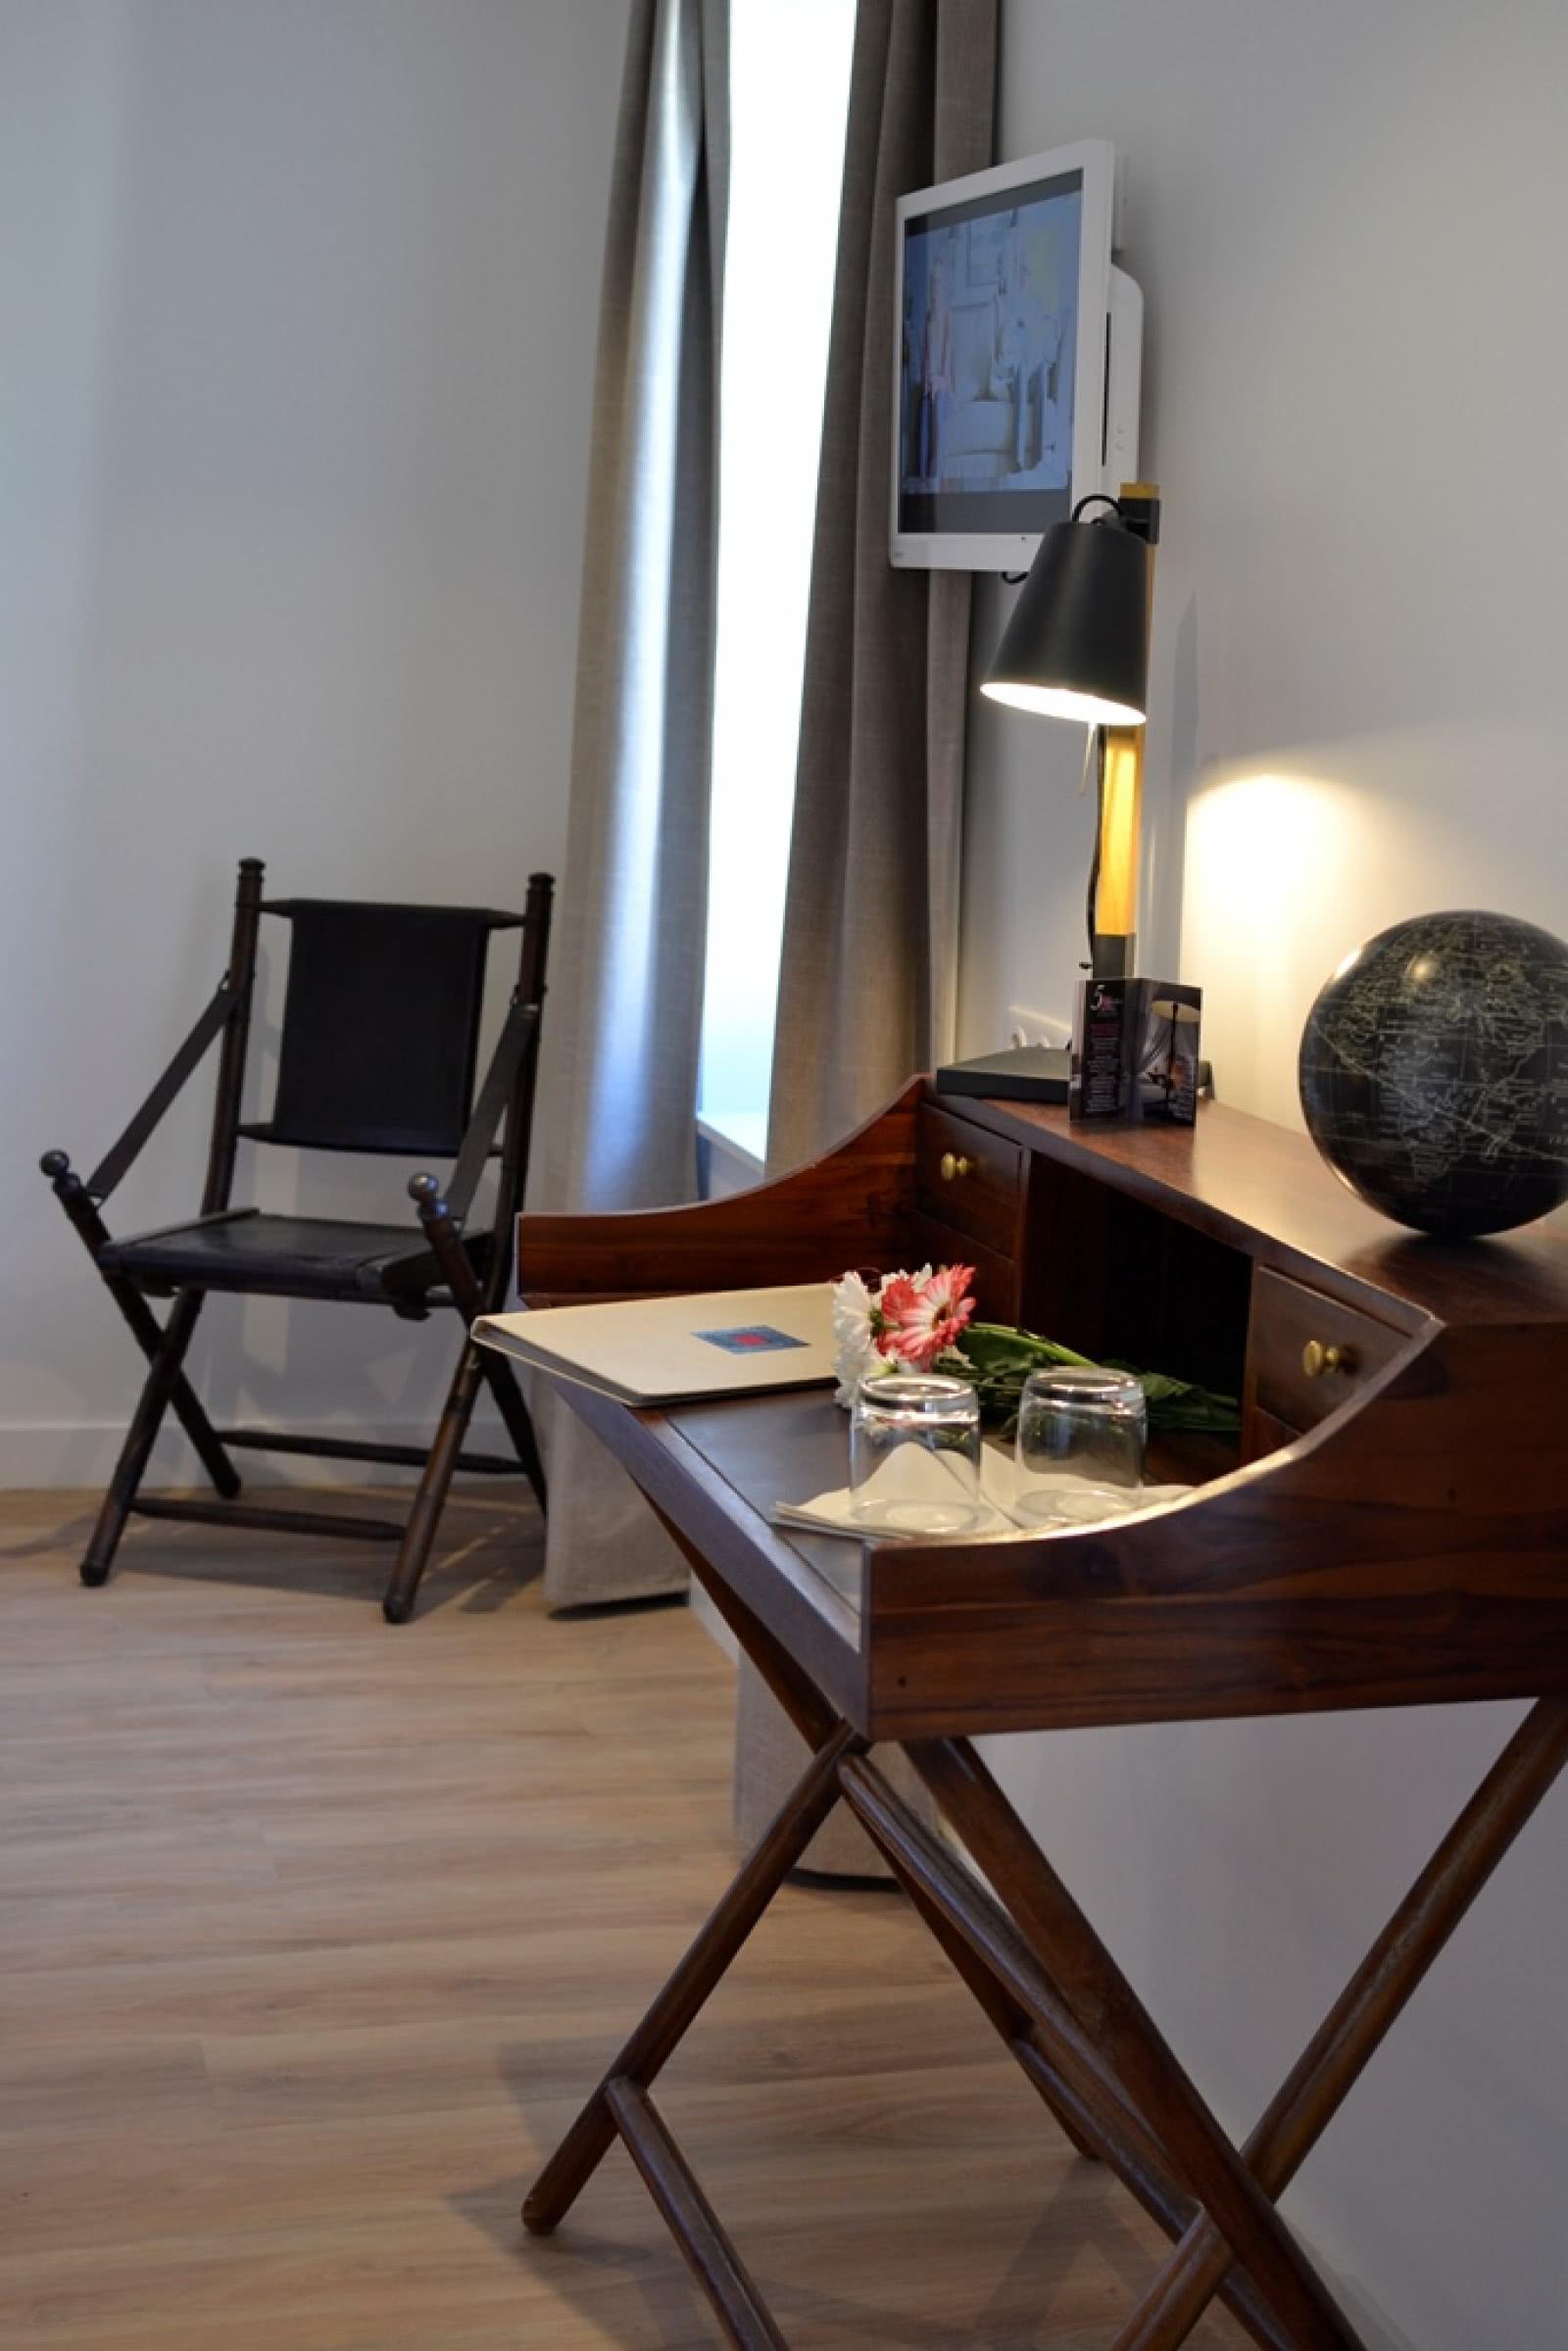 5 chambres en ville clermont auvergne tourisme - 5 chambres en ville clermont ferrand ...